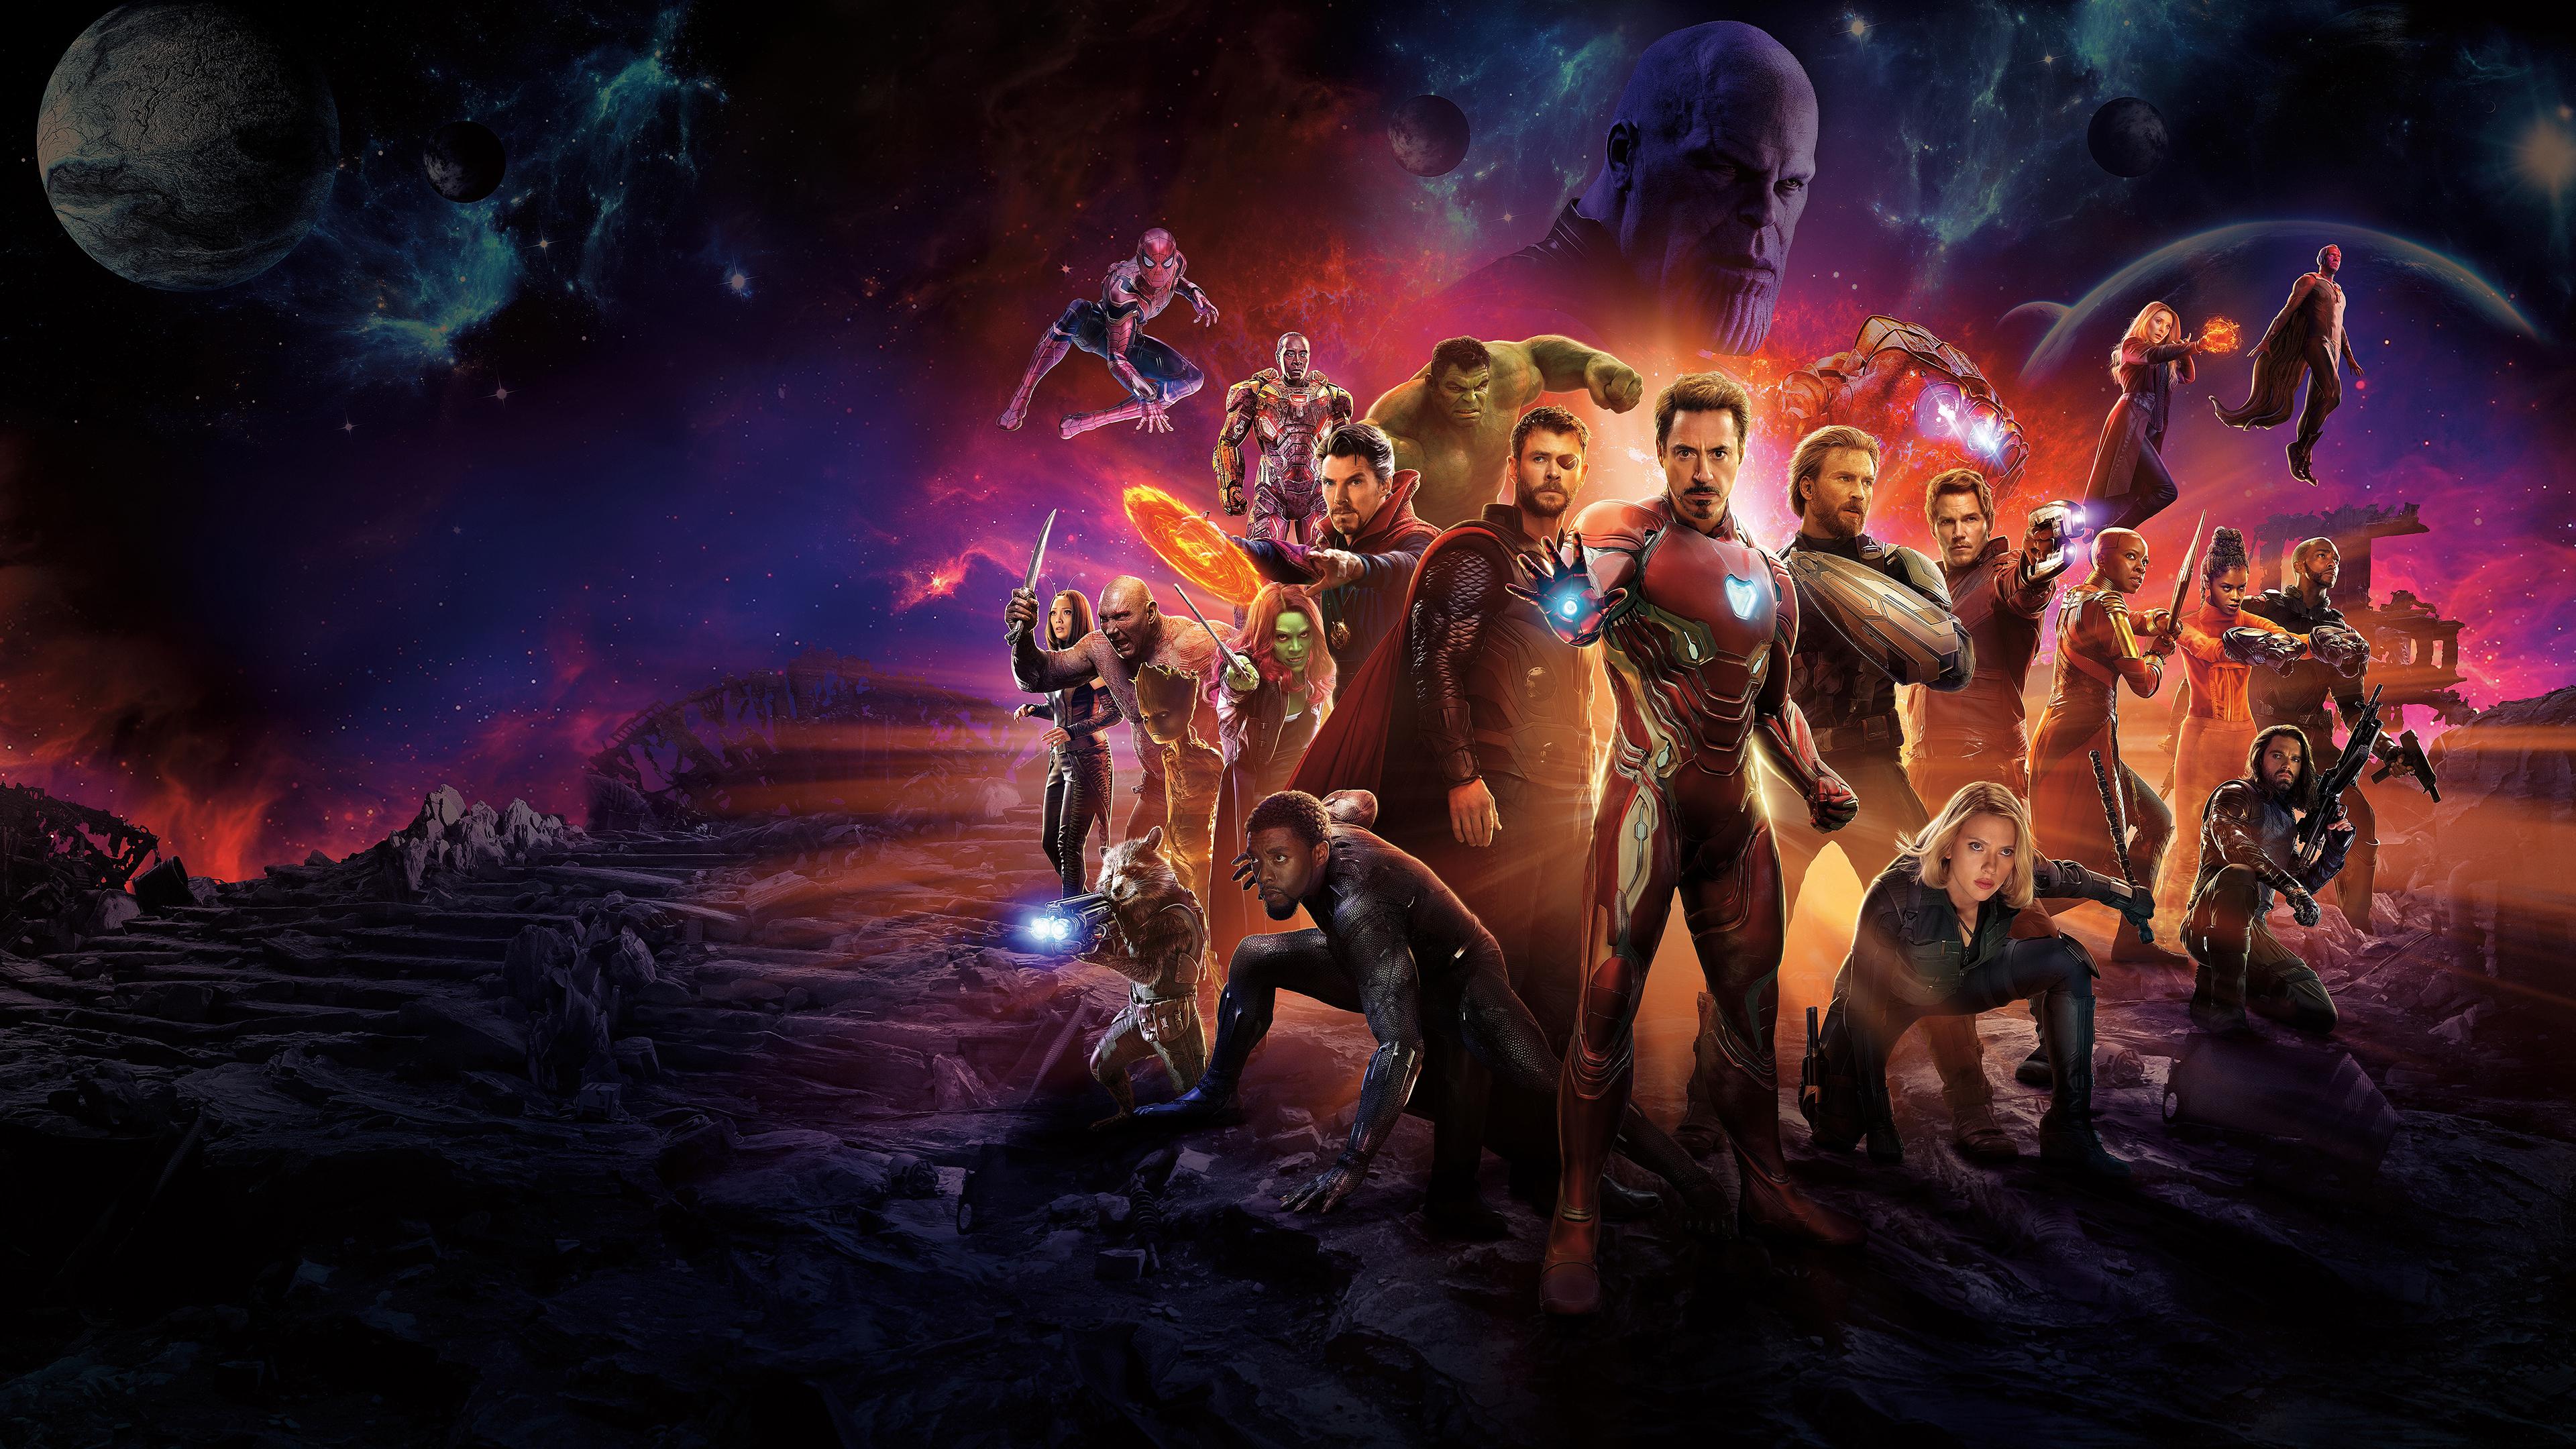 Avengers Infinity War Iron Man Spider Man Doctor Strange Captain America War Machine Vision Acarlet Falcon Groot Rocket Star Lord Gamora Thor Drax Black Widow Hulk Black Panther Uhd 4k Wallpaper